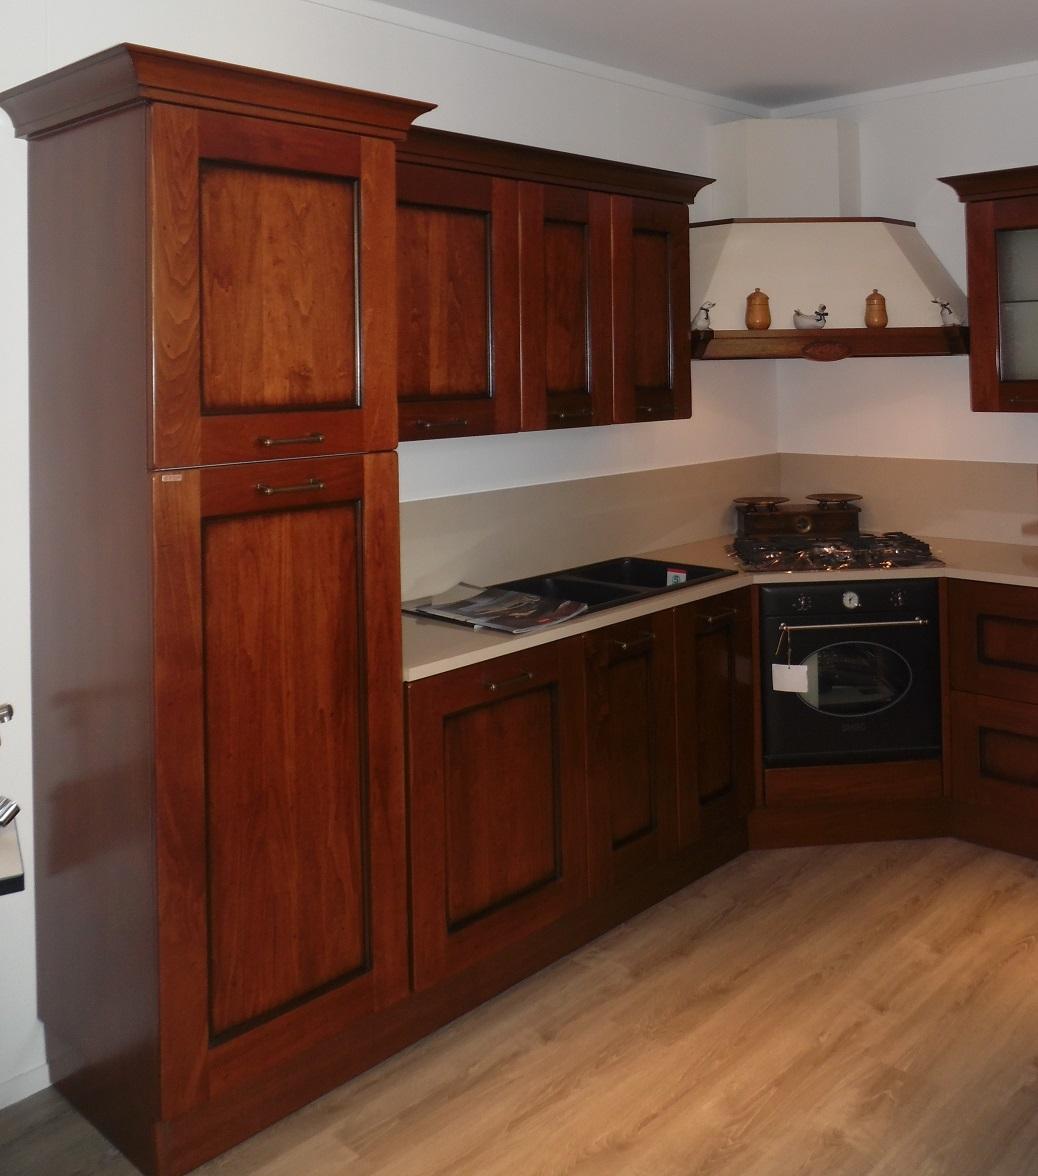 Cucine ad angolo scavolini cucina ad angolo scavolini modello esprit scontata del cucina ad - Mobile ad angolo cucina ...